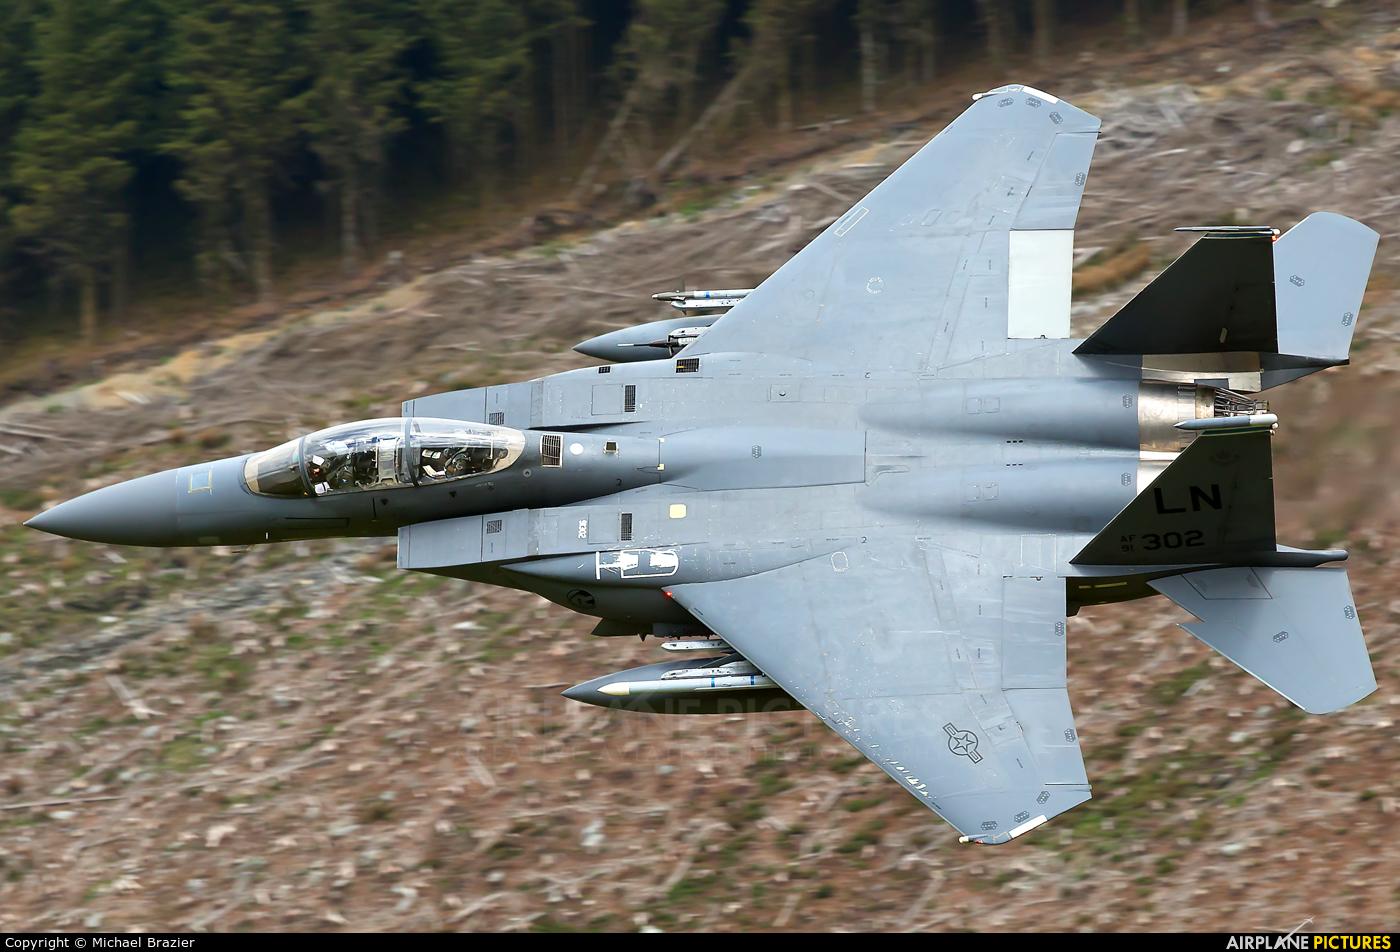 USA - Air Force 91-0302 aircraft at Bwlch Oerddrws - LFA 7